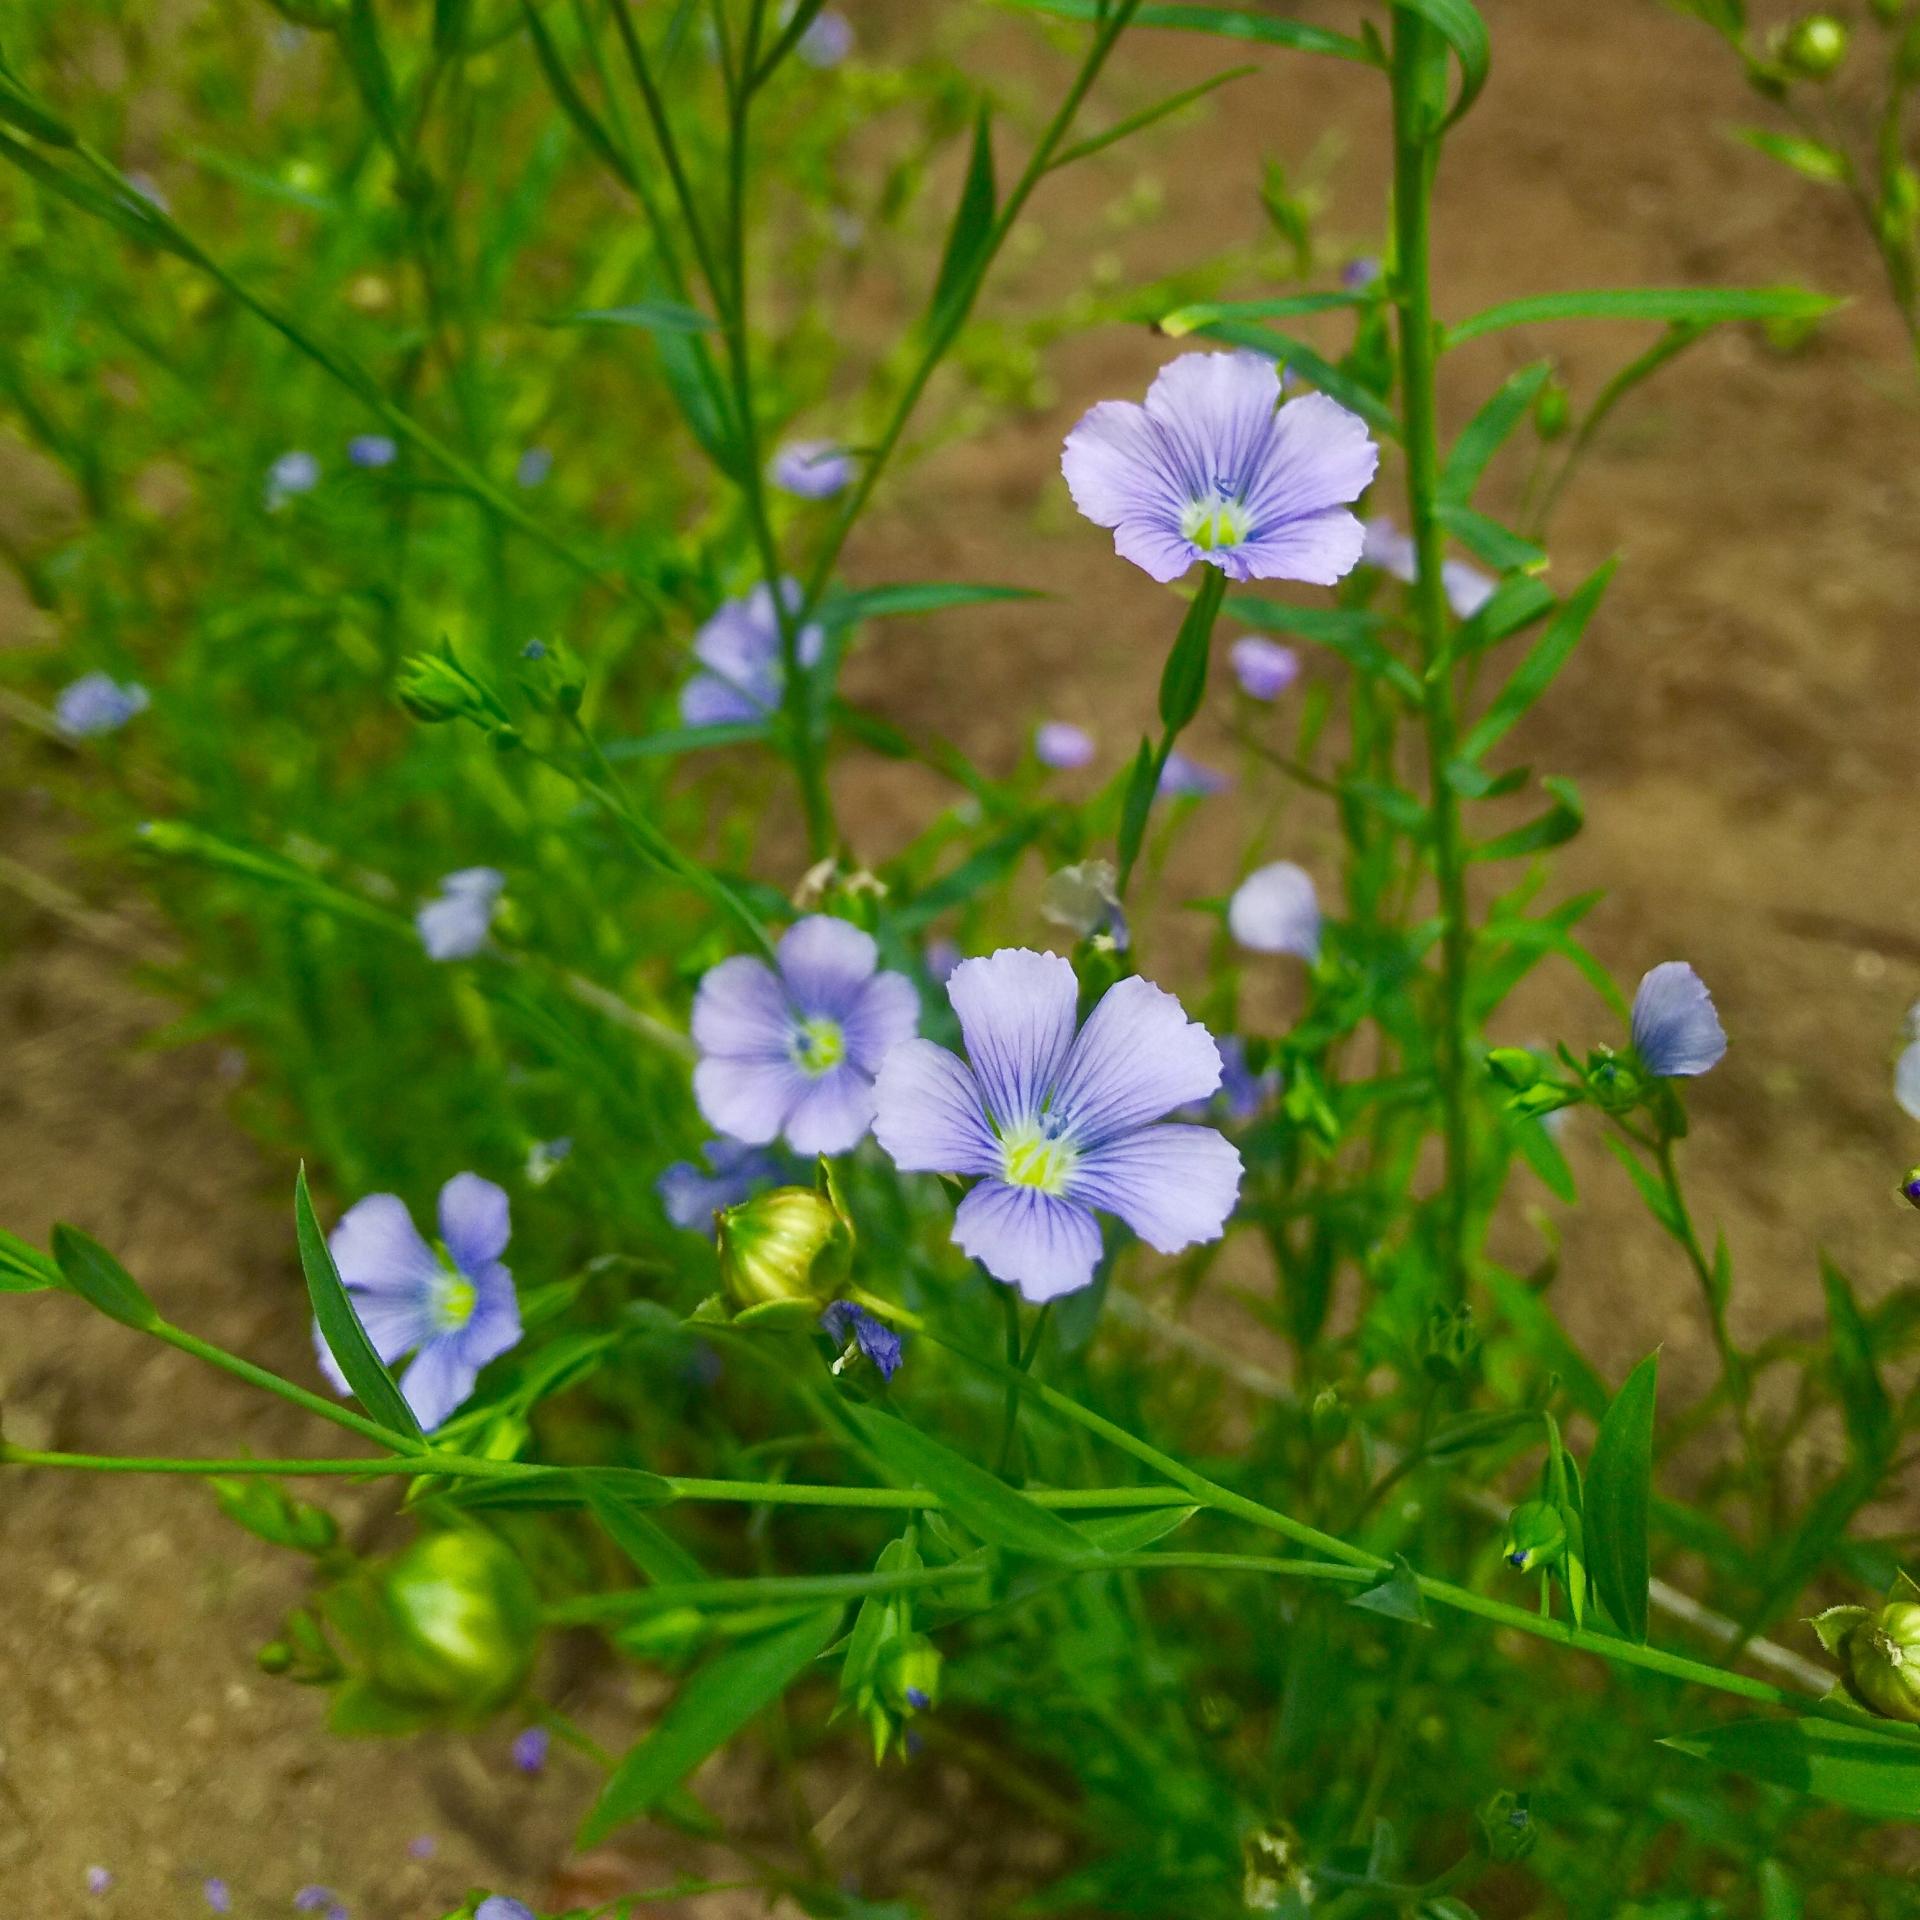 ガーデン用品屋さんの花図鑑 フラックス